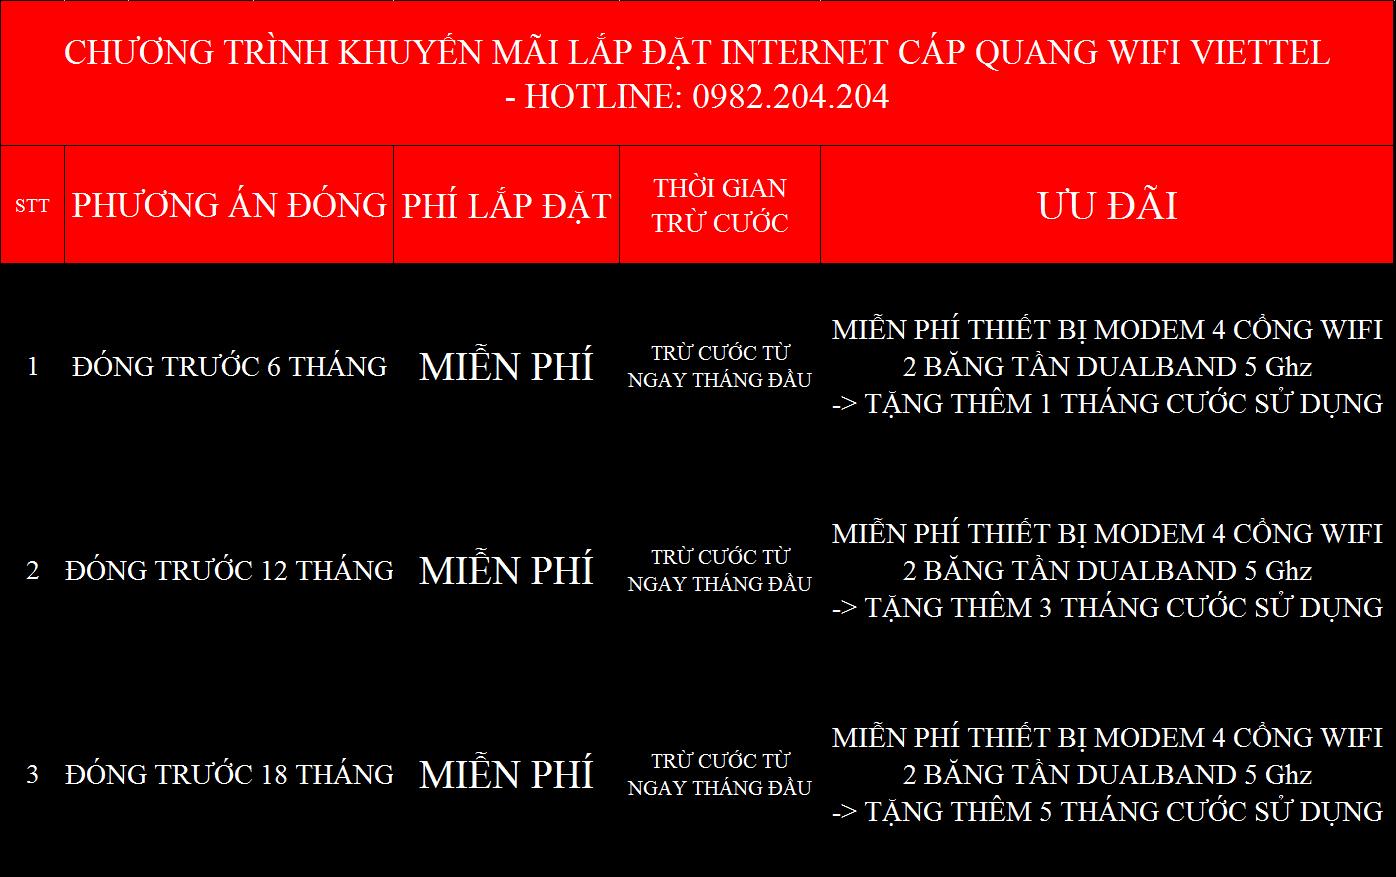 Khuyến mãi lắp mạng Viettel Quảng Ninh